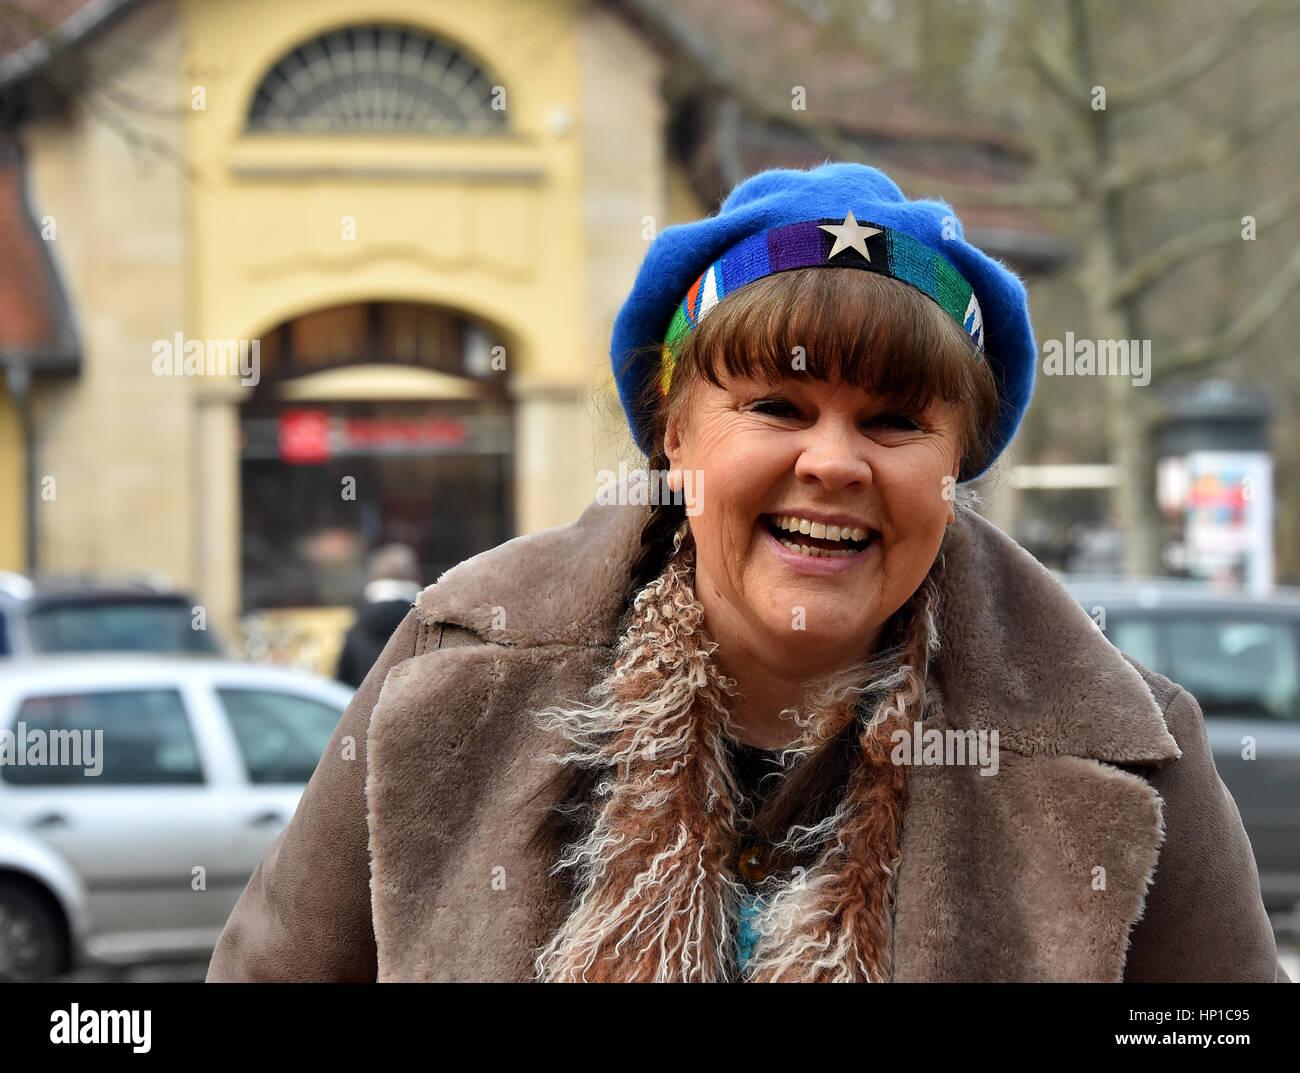 Berlin, Allemagne. 10 fév, 2017. La RDA Schlager singer Chris Doerk, photographié à Berlin, Allemagne, Photo Stock